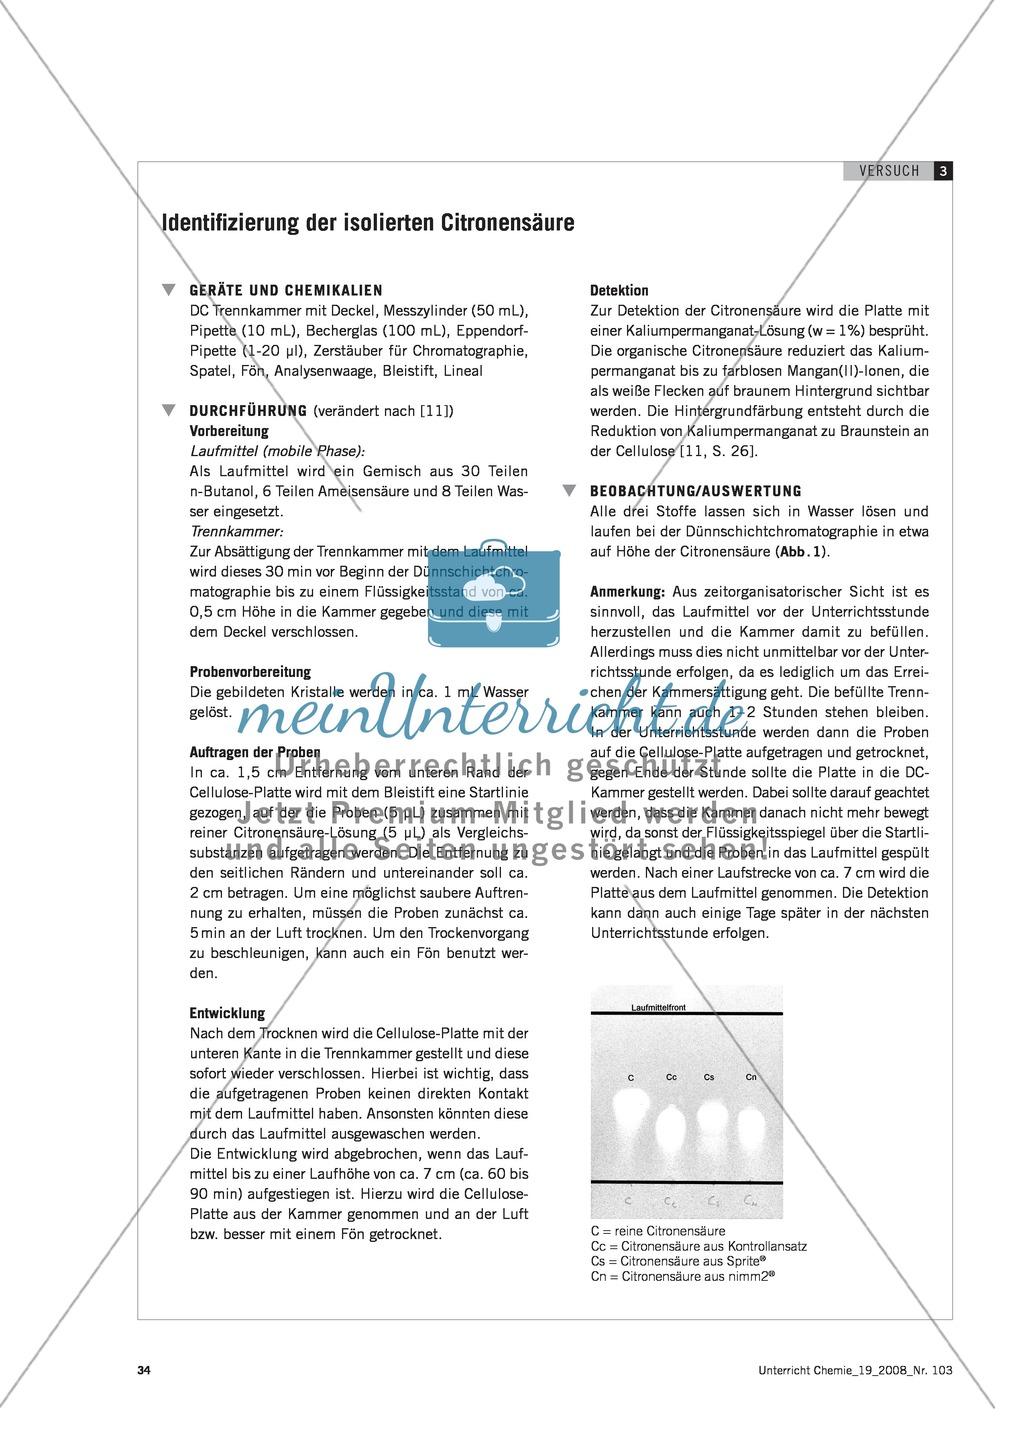 Citronensäure in Lebensmitteln - Experimente mit Sprite und nimm2 Preview 4